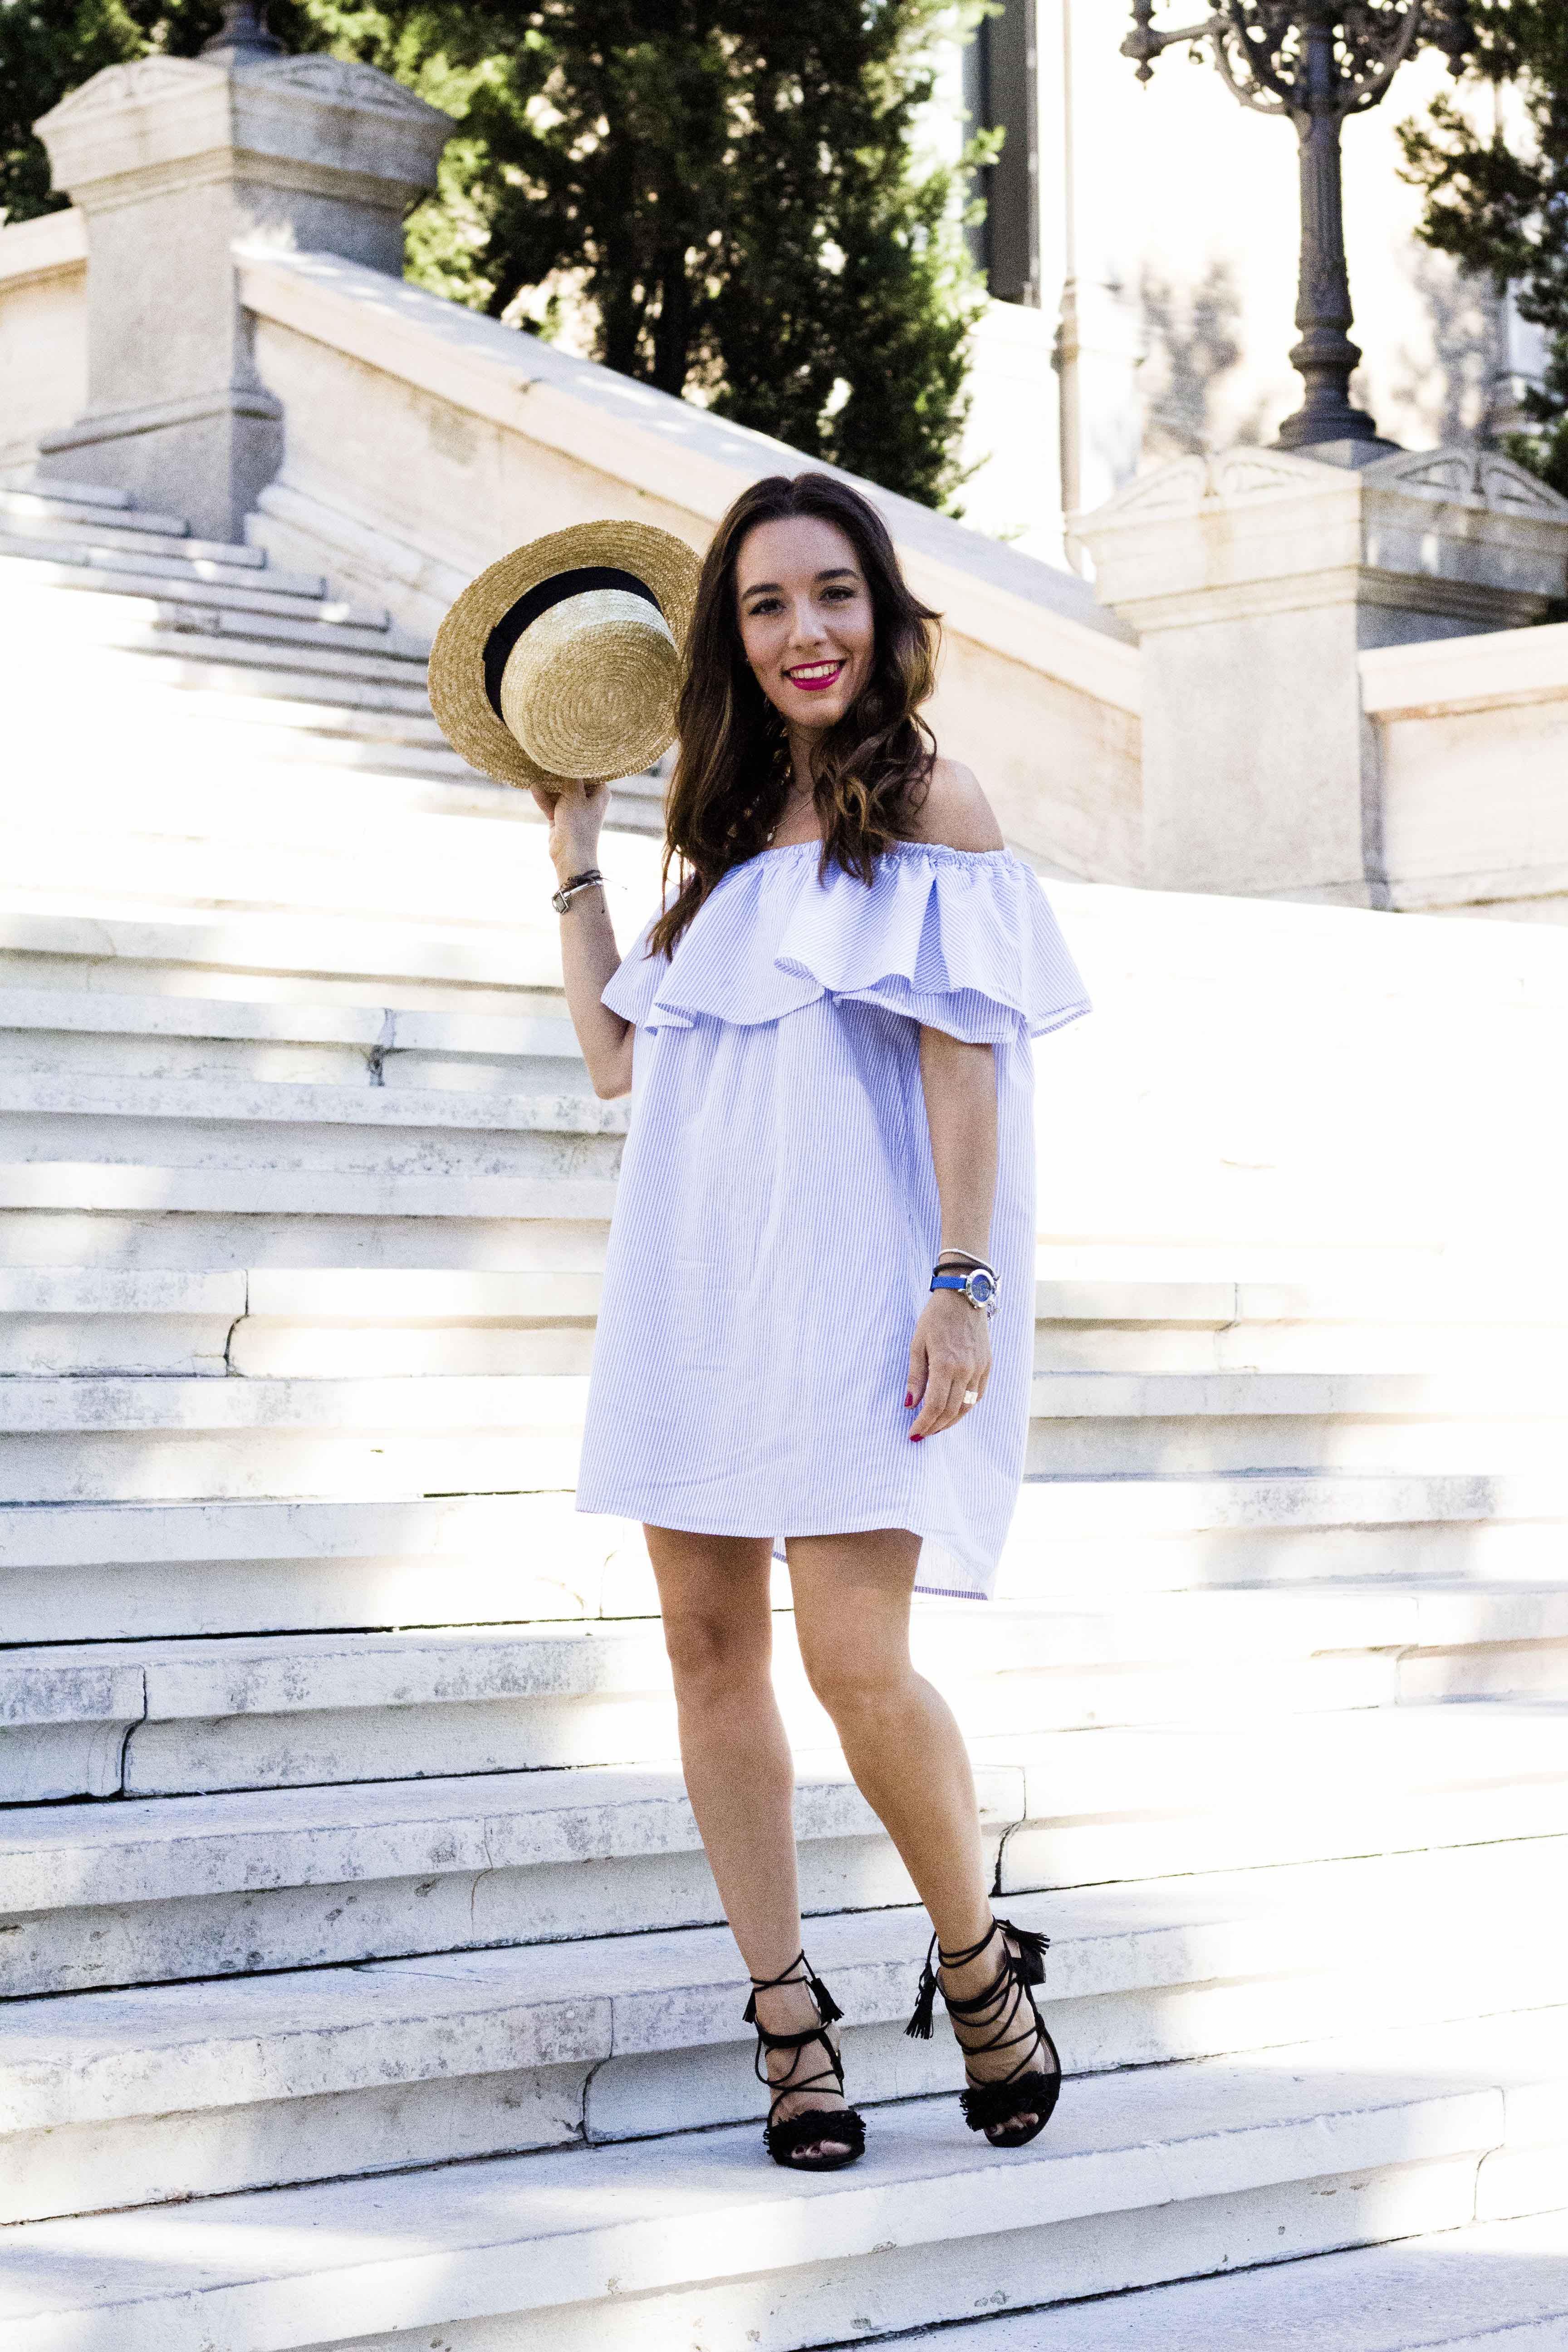 lucir_hombros_esta_de_moda-Summer_look-Off_The_Shoulders-Less_Is_More-sandalias_atadas-Street_Style-Sandalias_flecos-vestido_de_rayas-vestido_volante_zara-lessismoreblog